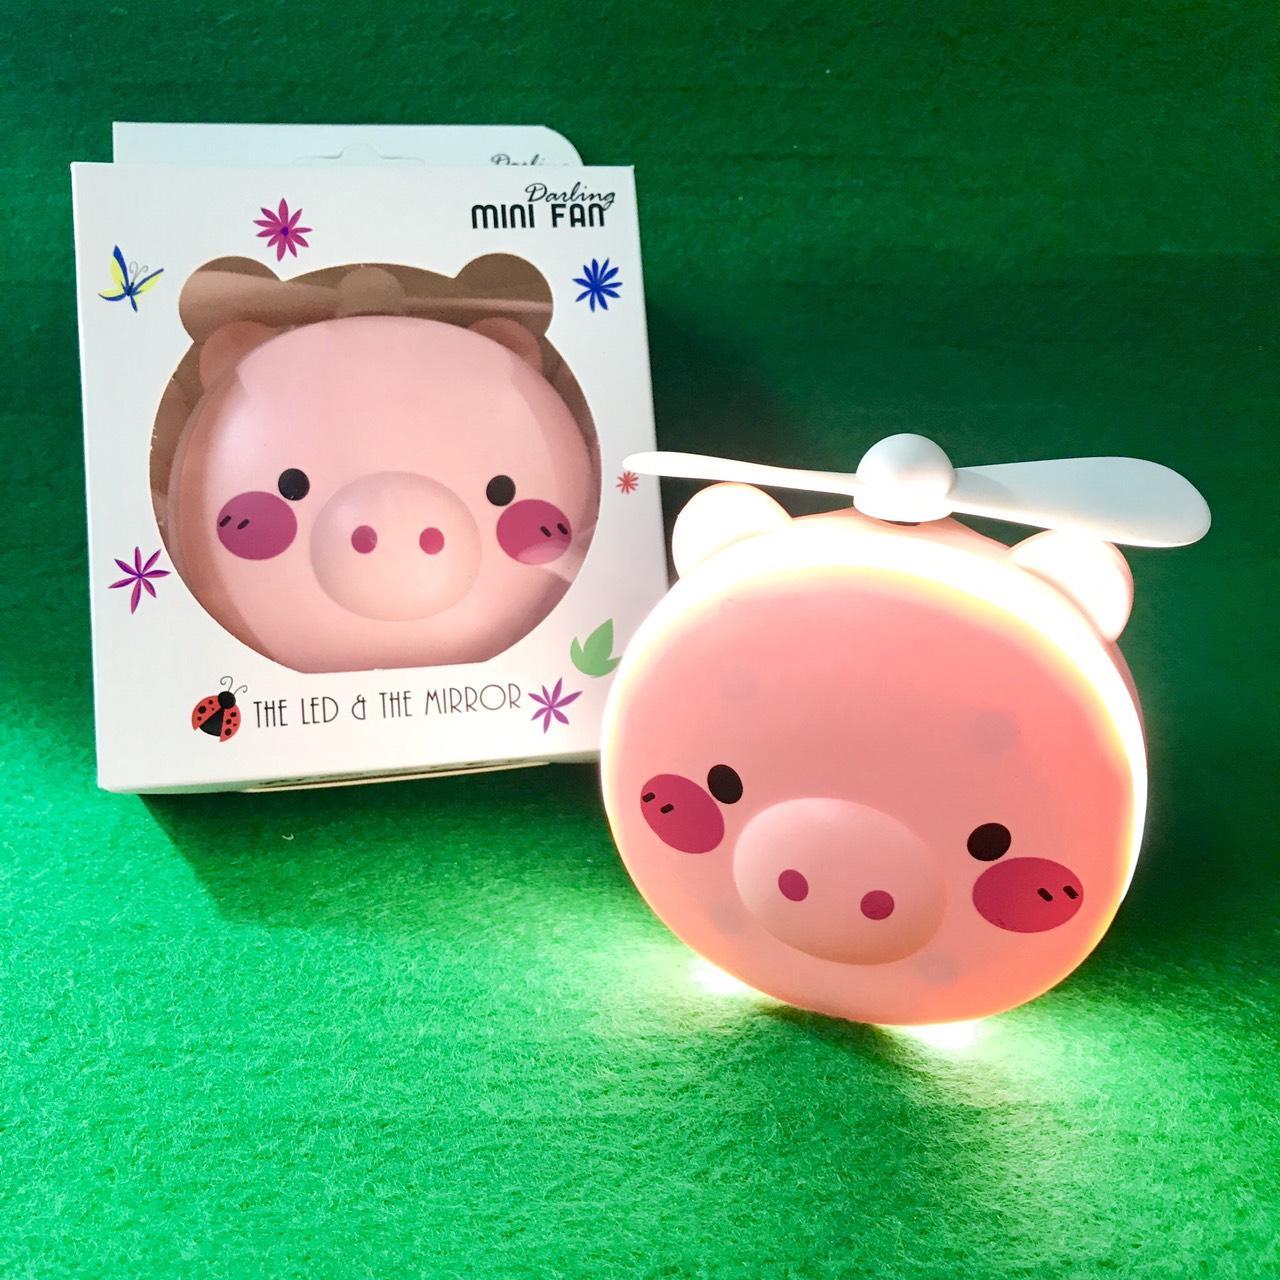 Quạt mini cầm tay, có gương và đèn led selfie, hình heo màu hồng siêu dễ thương